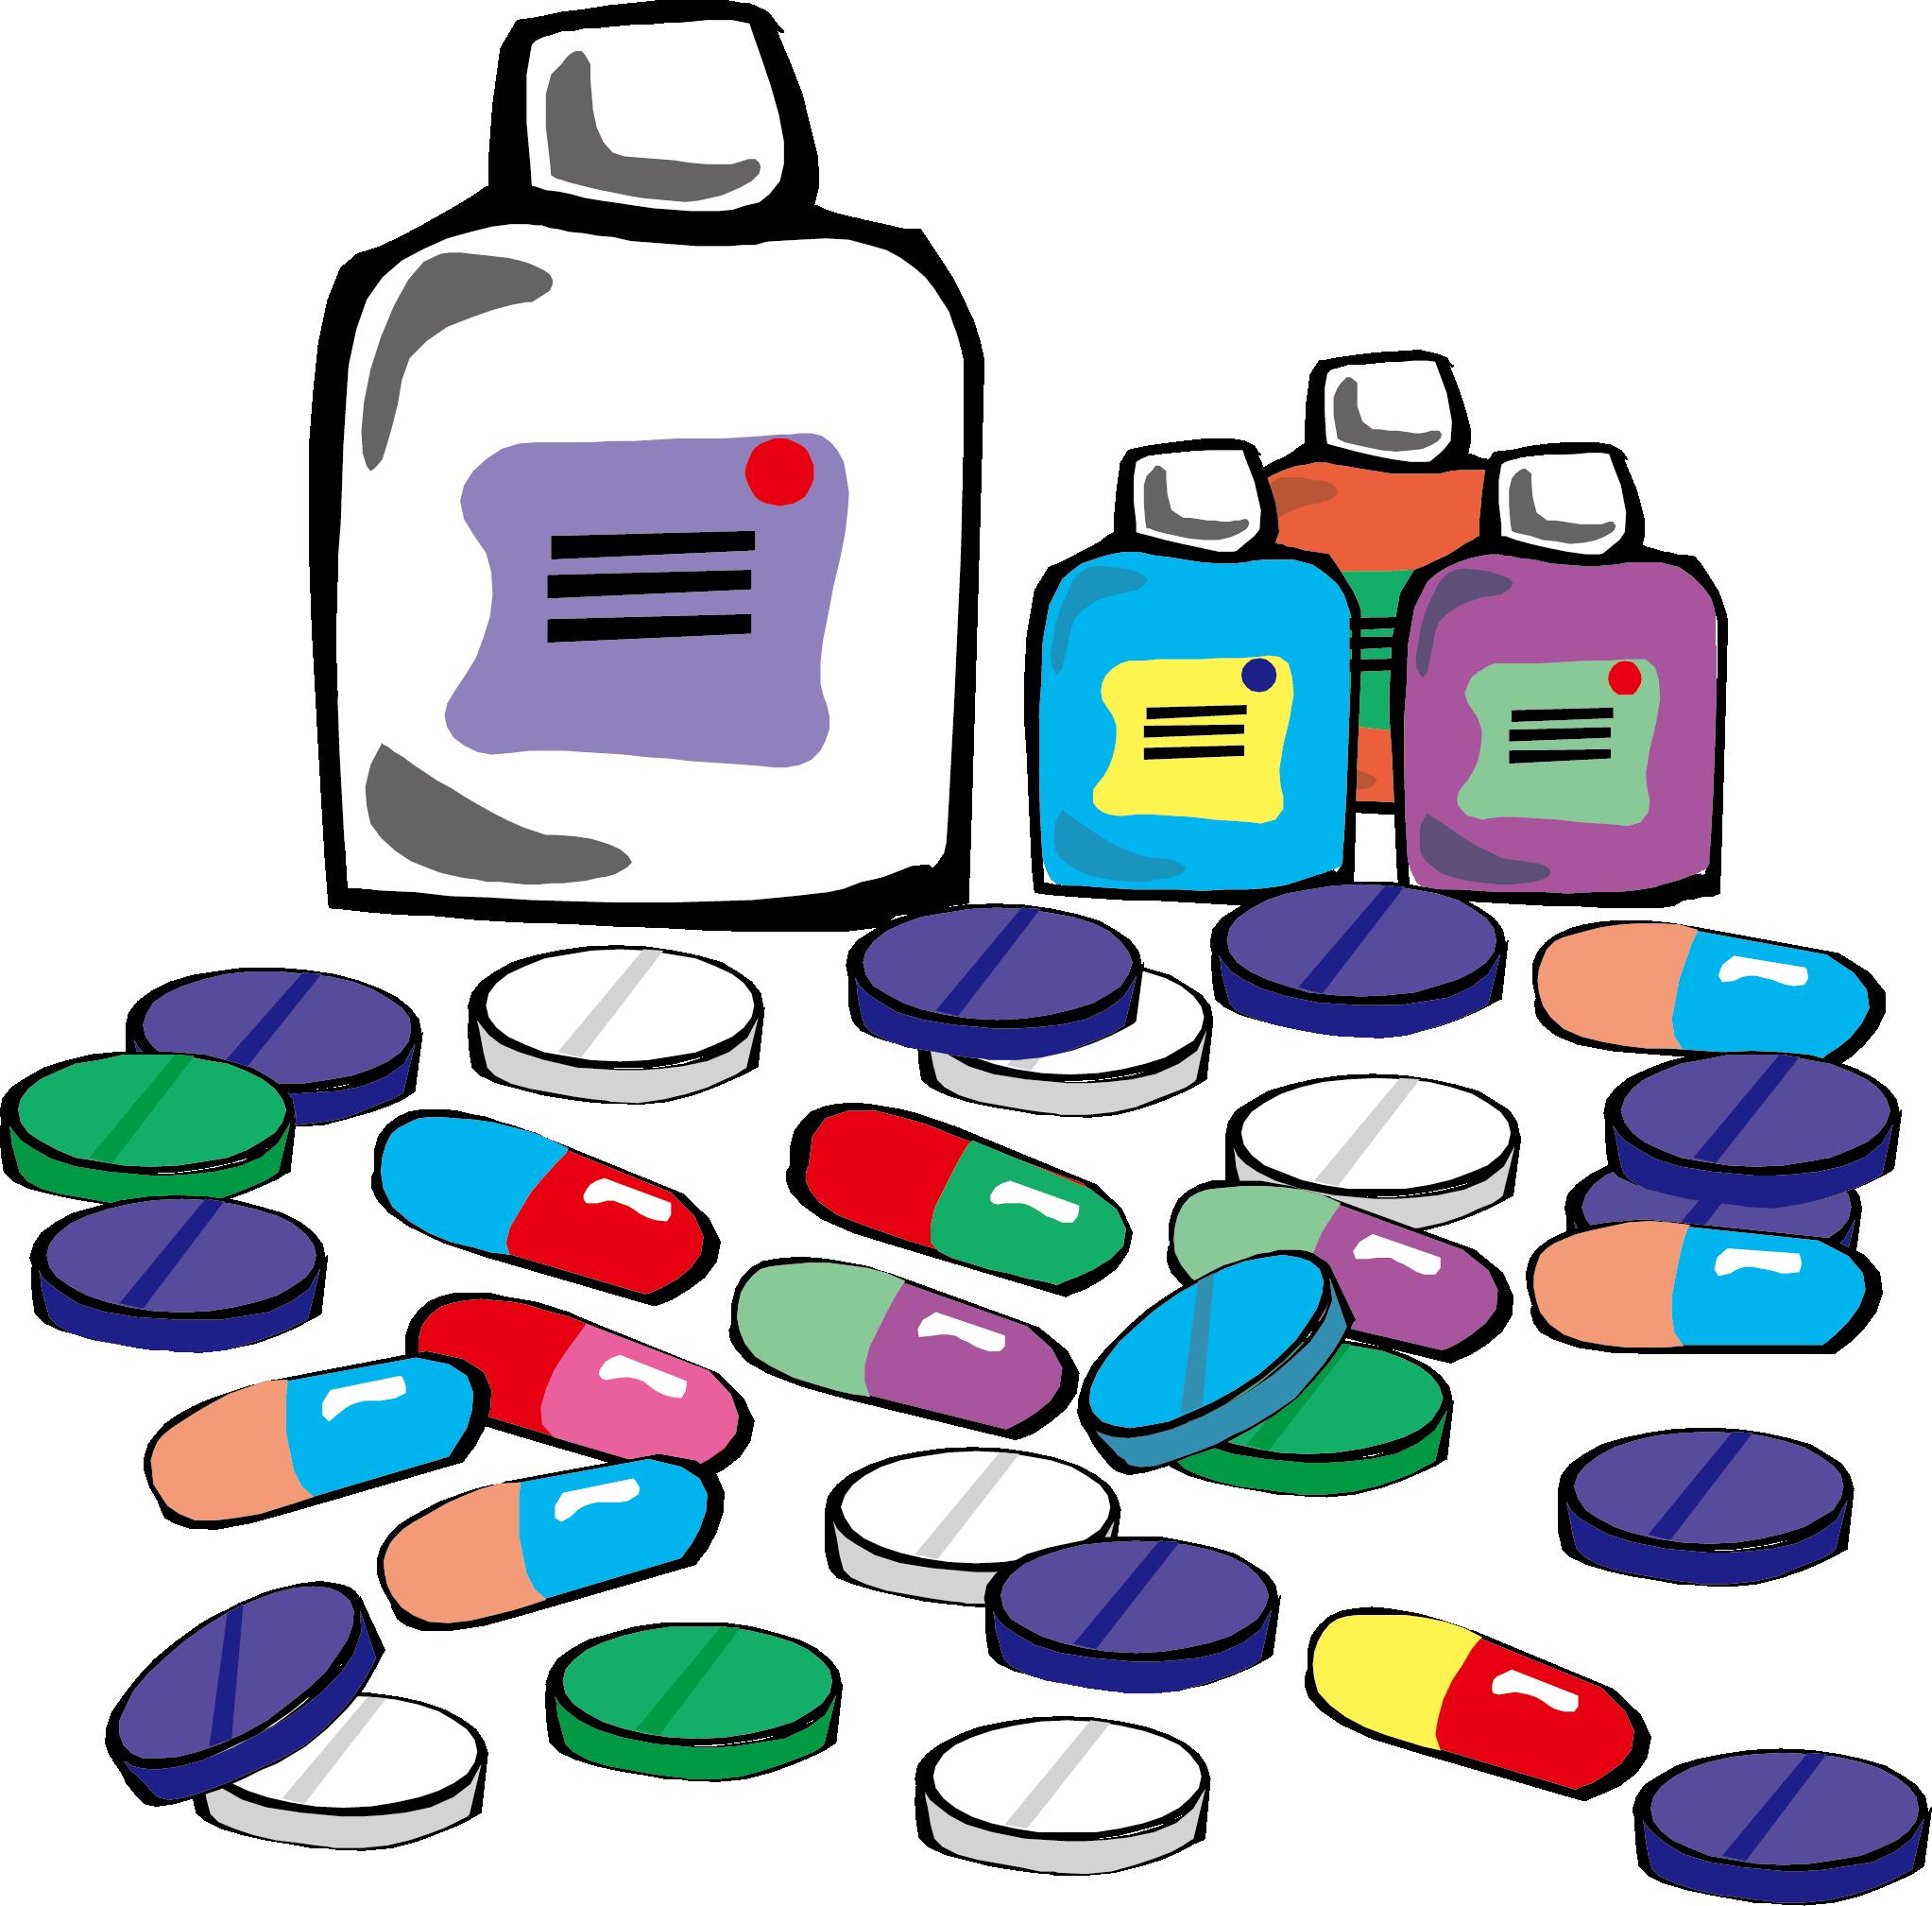 Pills clipart pharma. Pharmaceutical drug jokingart com